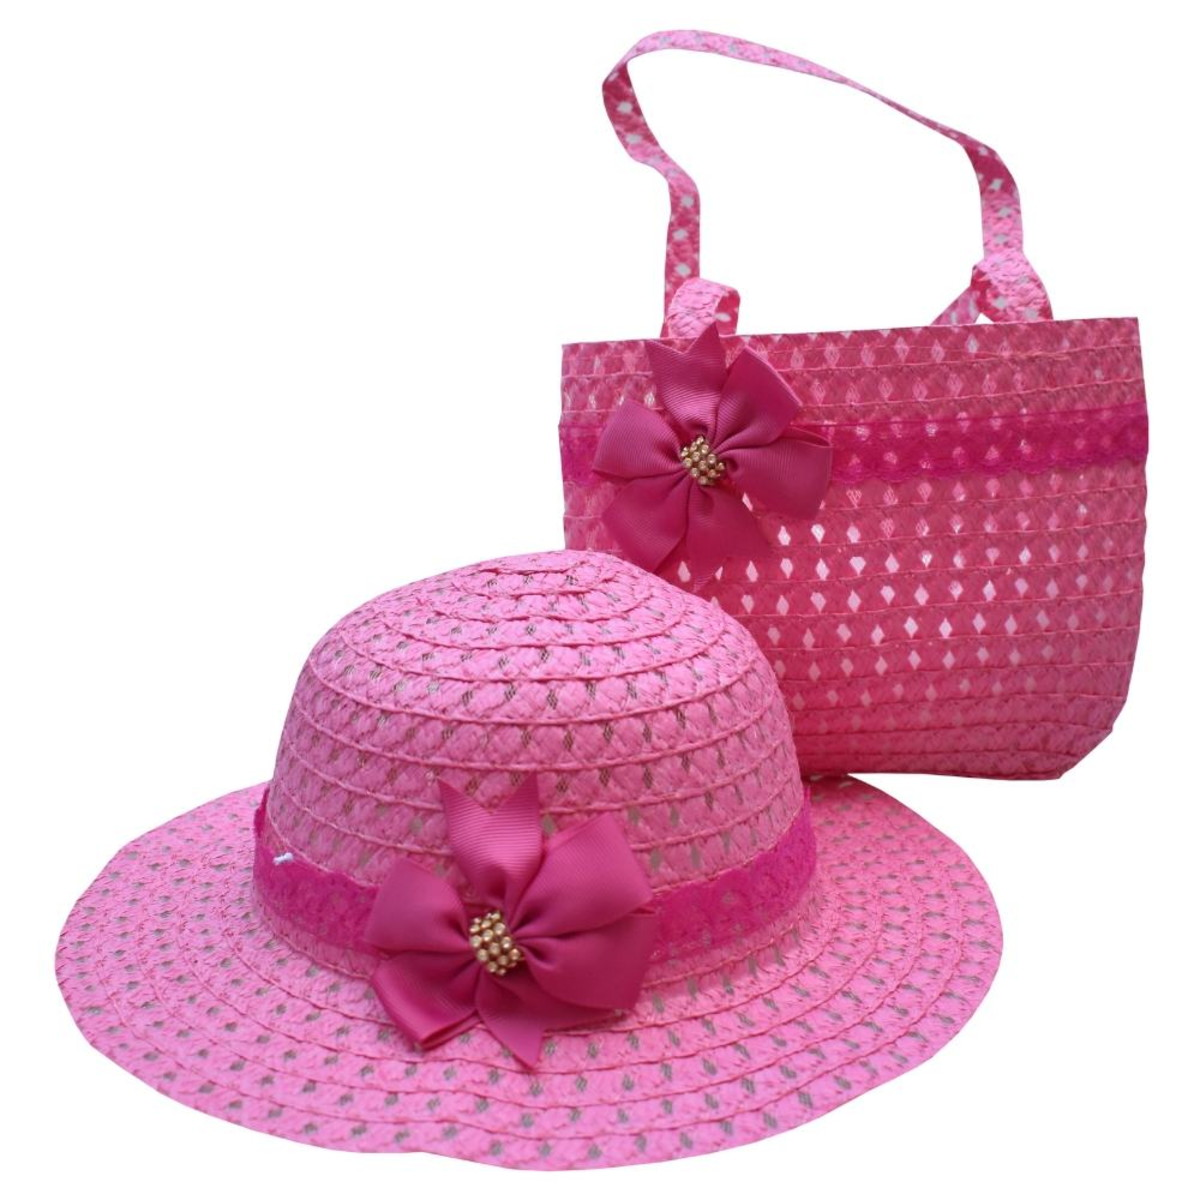 Chapéu De Praia Infantil Feminino E Bolsa De Praia Rosa Pink no Elo7 ... 0a6b2281b2a